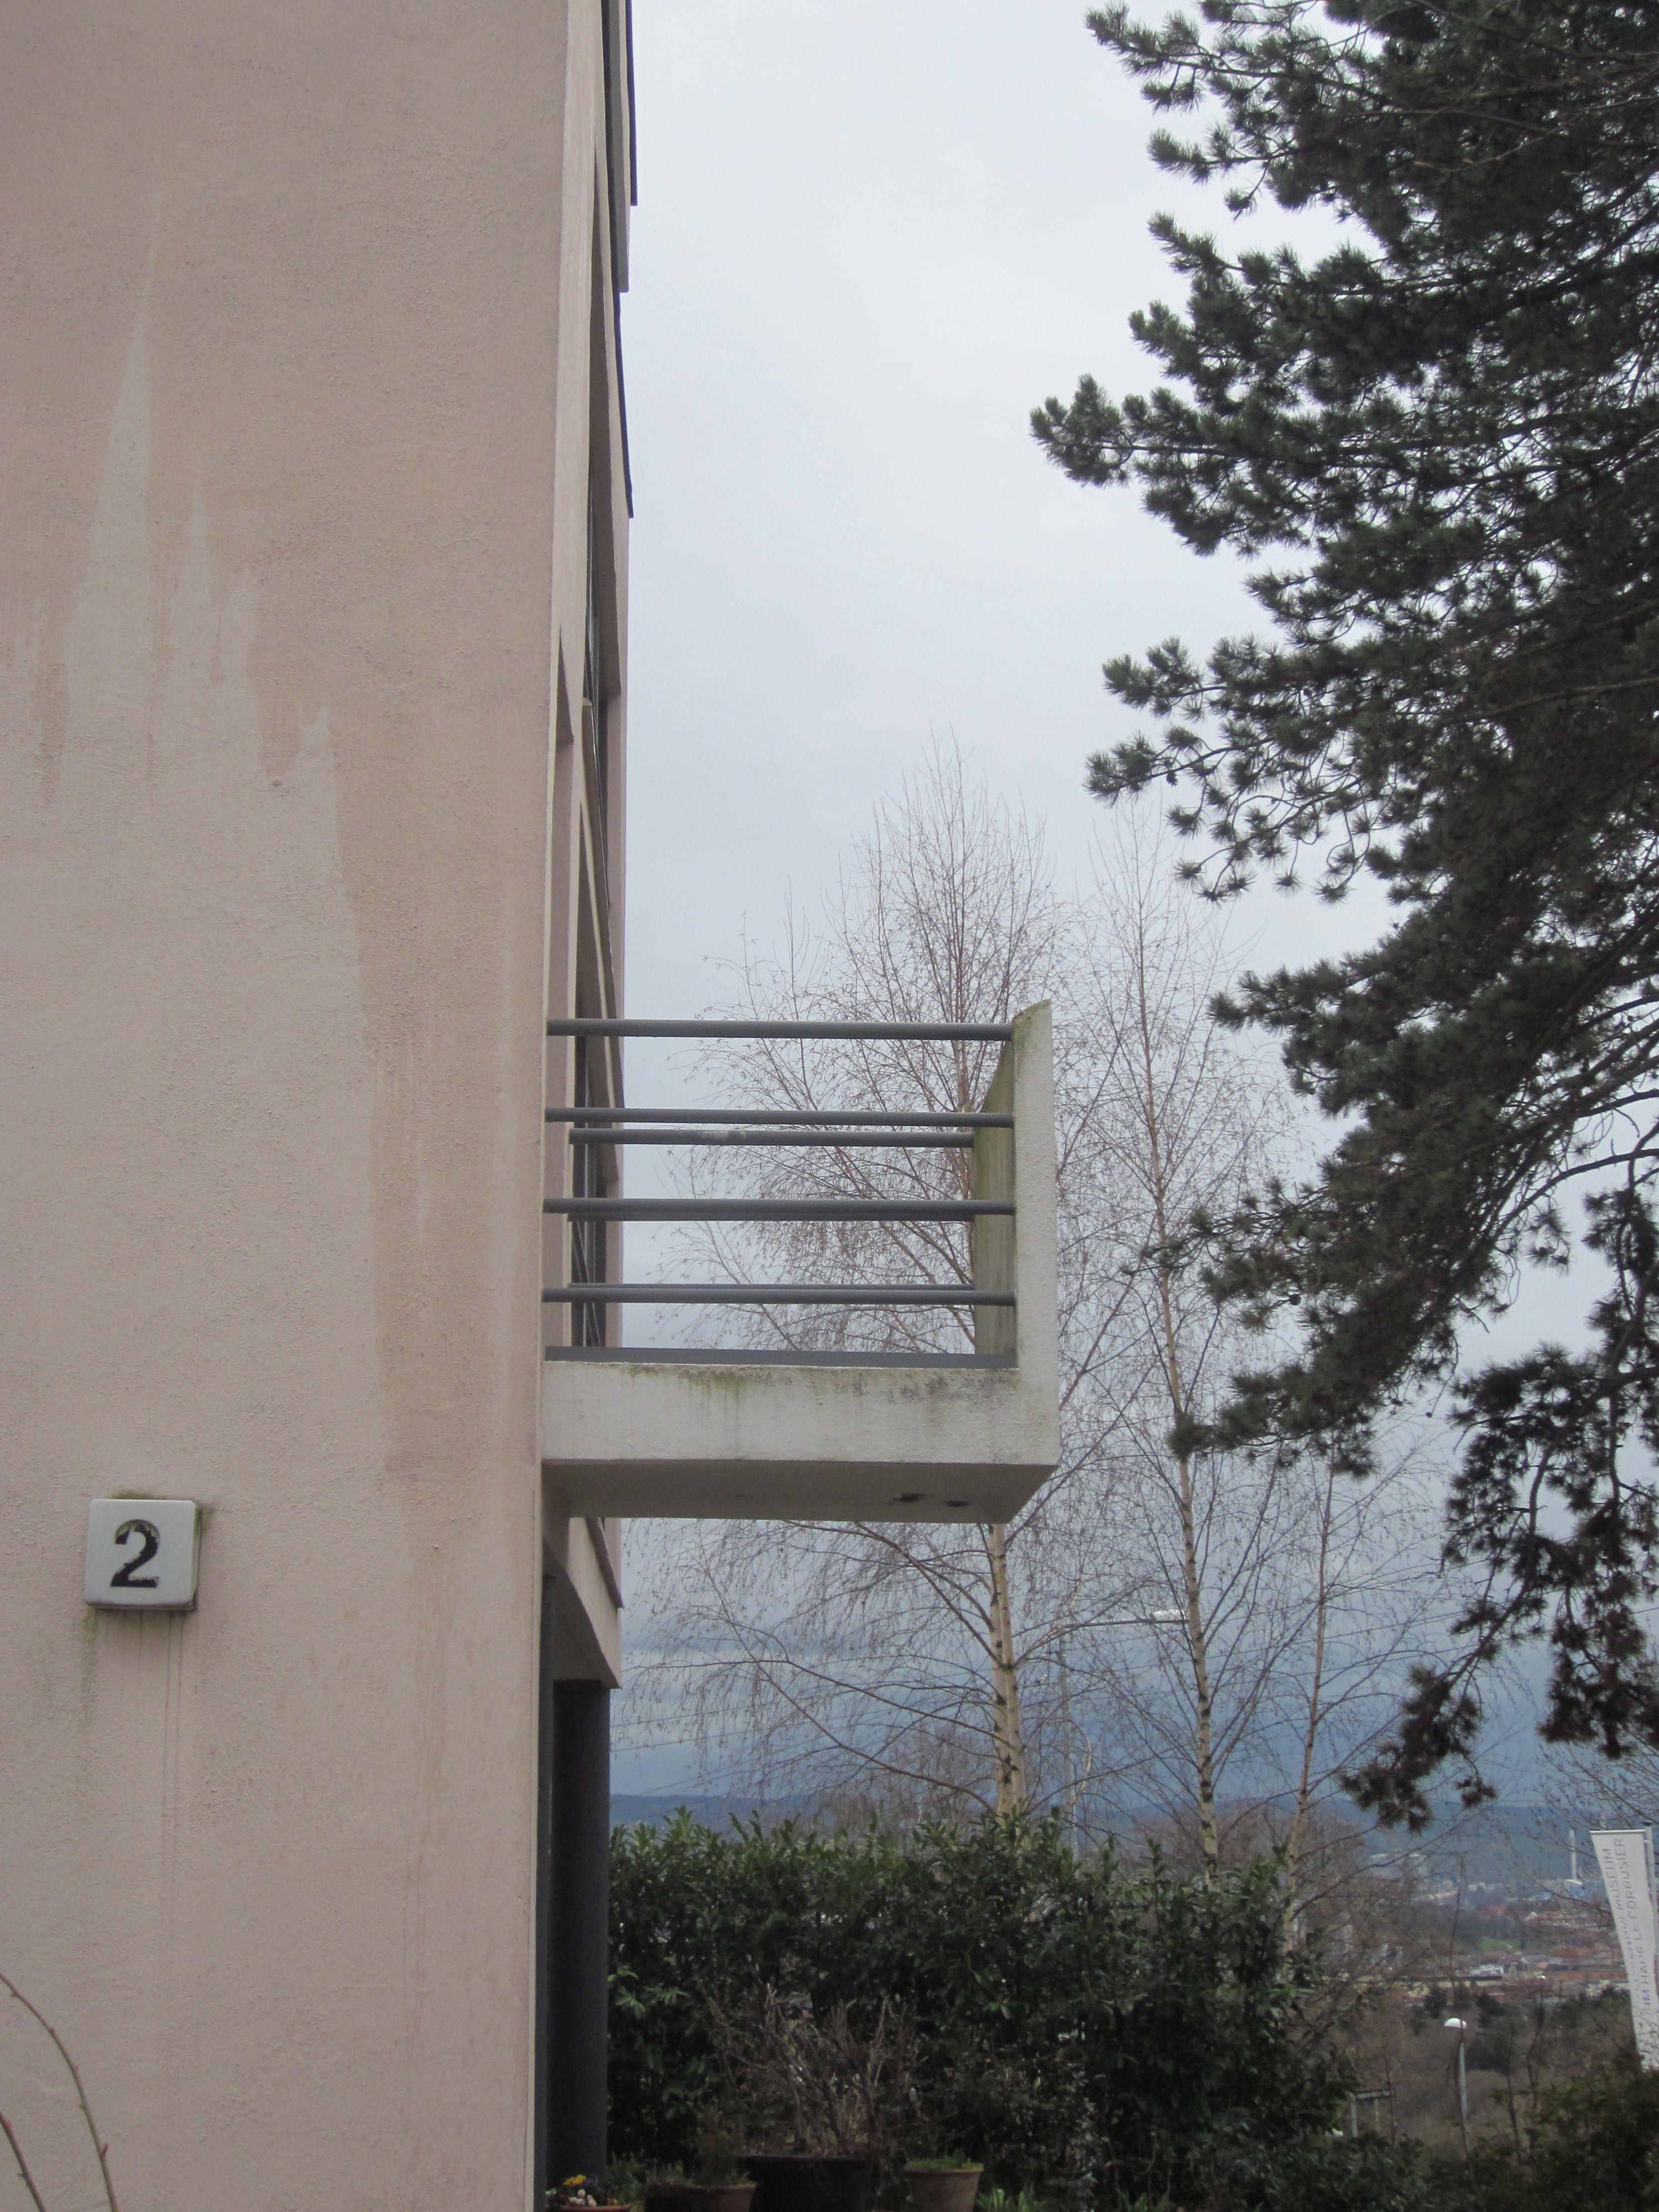 Weissenhof estate bauhaus architecture stuttgart photo by - Bauhaus baden baden ...